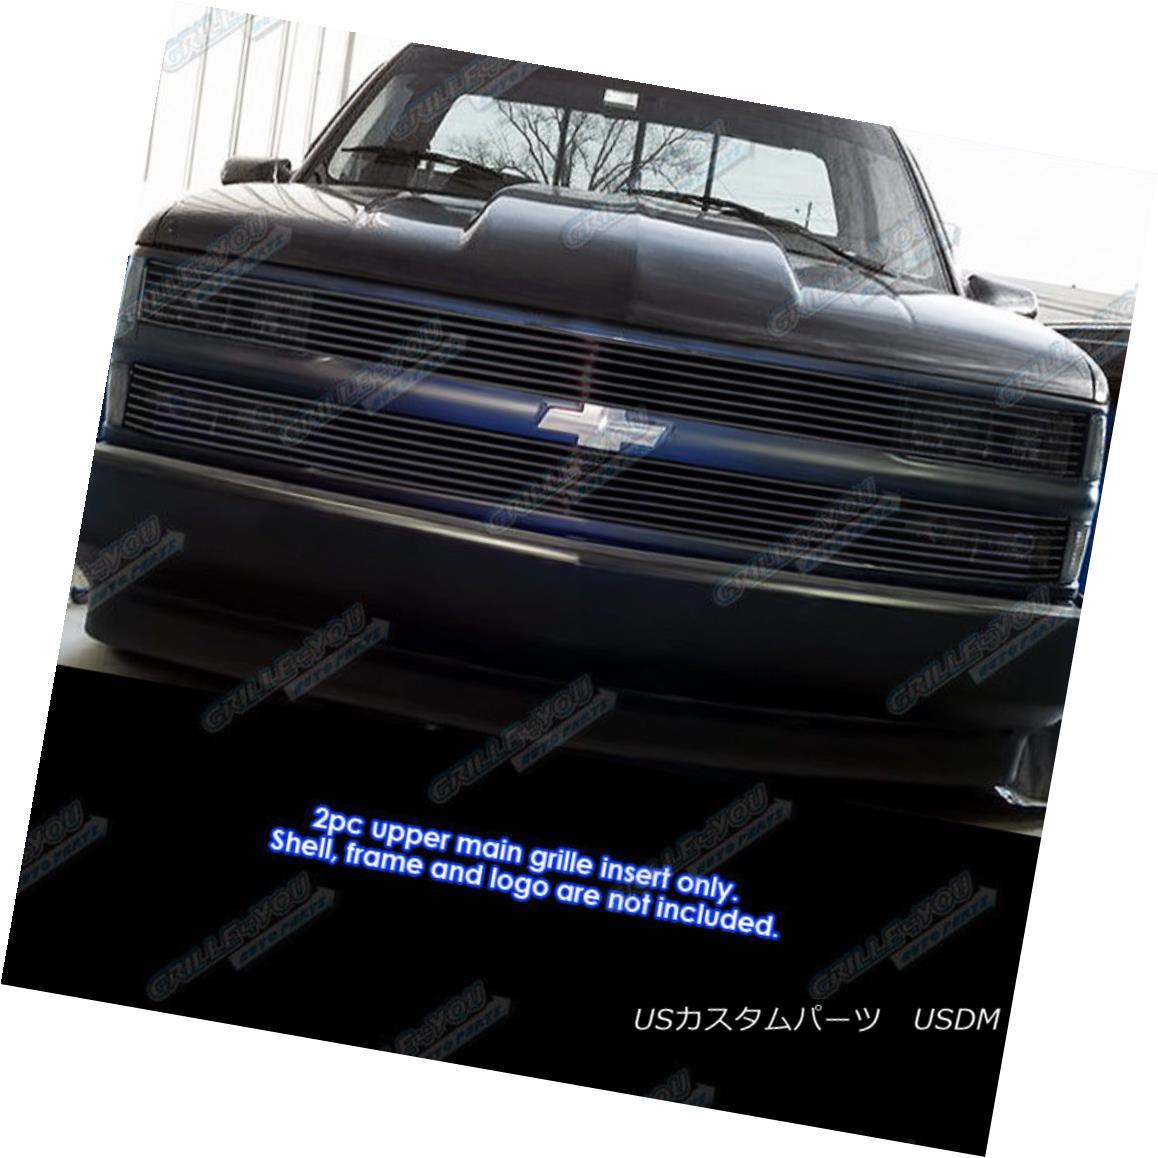 グリル Fits 1994-1999 C/K Pickup/Suburban/Blazer/Tahoe Phantom Black Billet Grille Fitz 1994-1999 C / K Pickup / Suburba n / Blazer / Tahoe Phantom Black Billet Grille